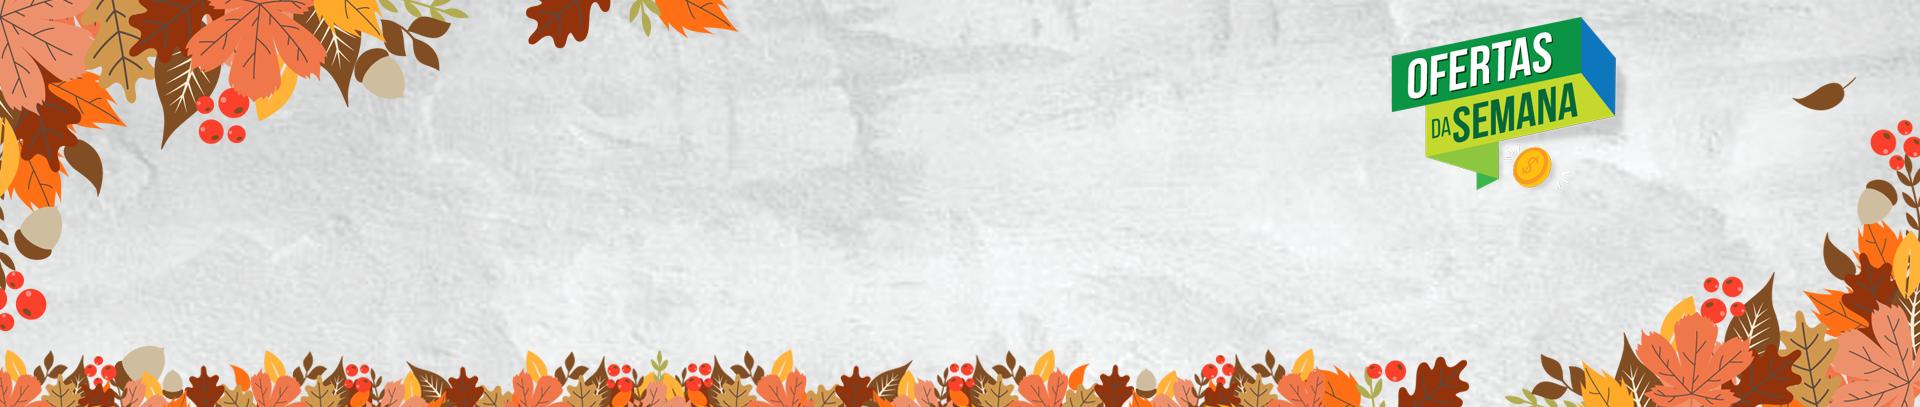 outonopalmeira